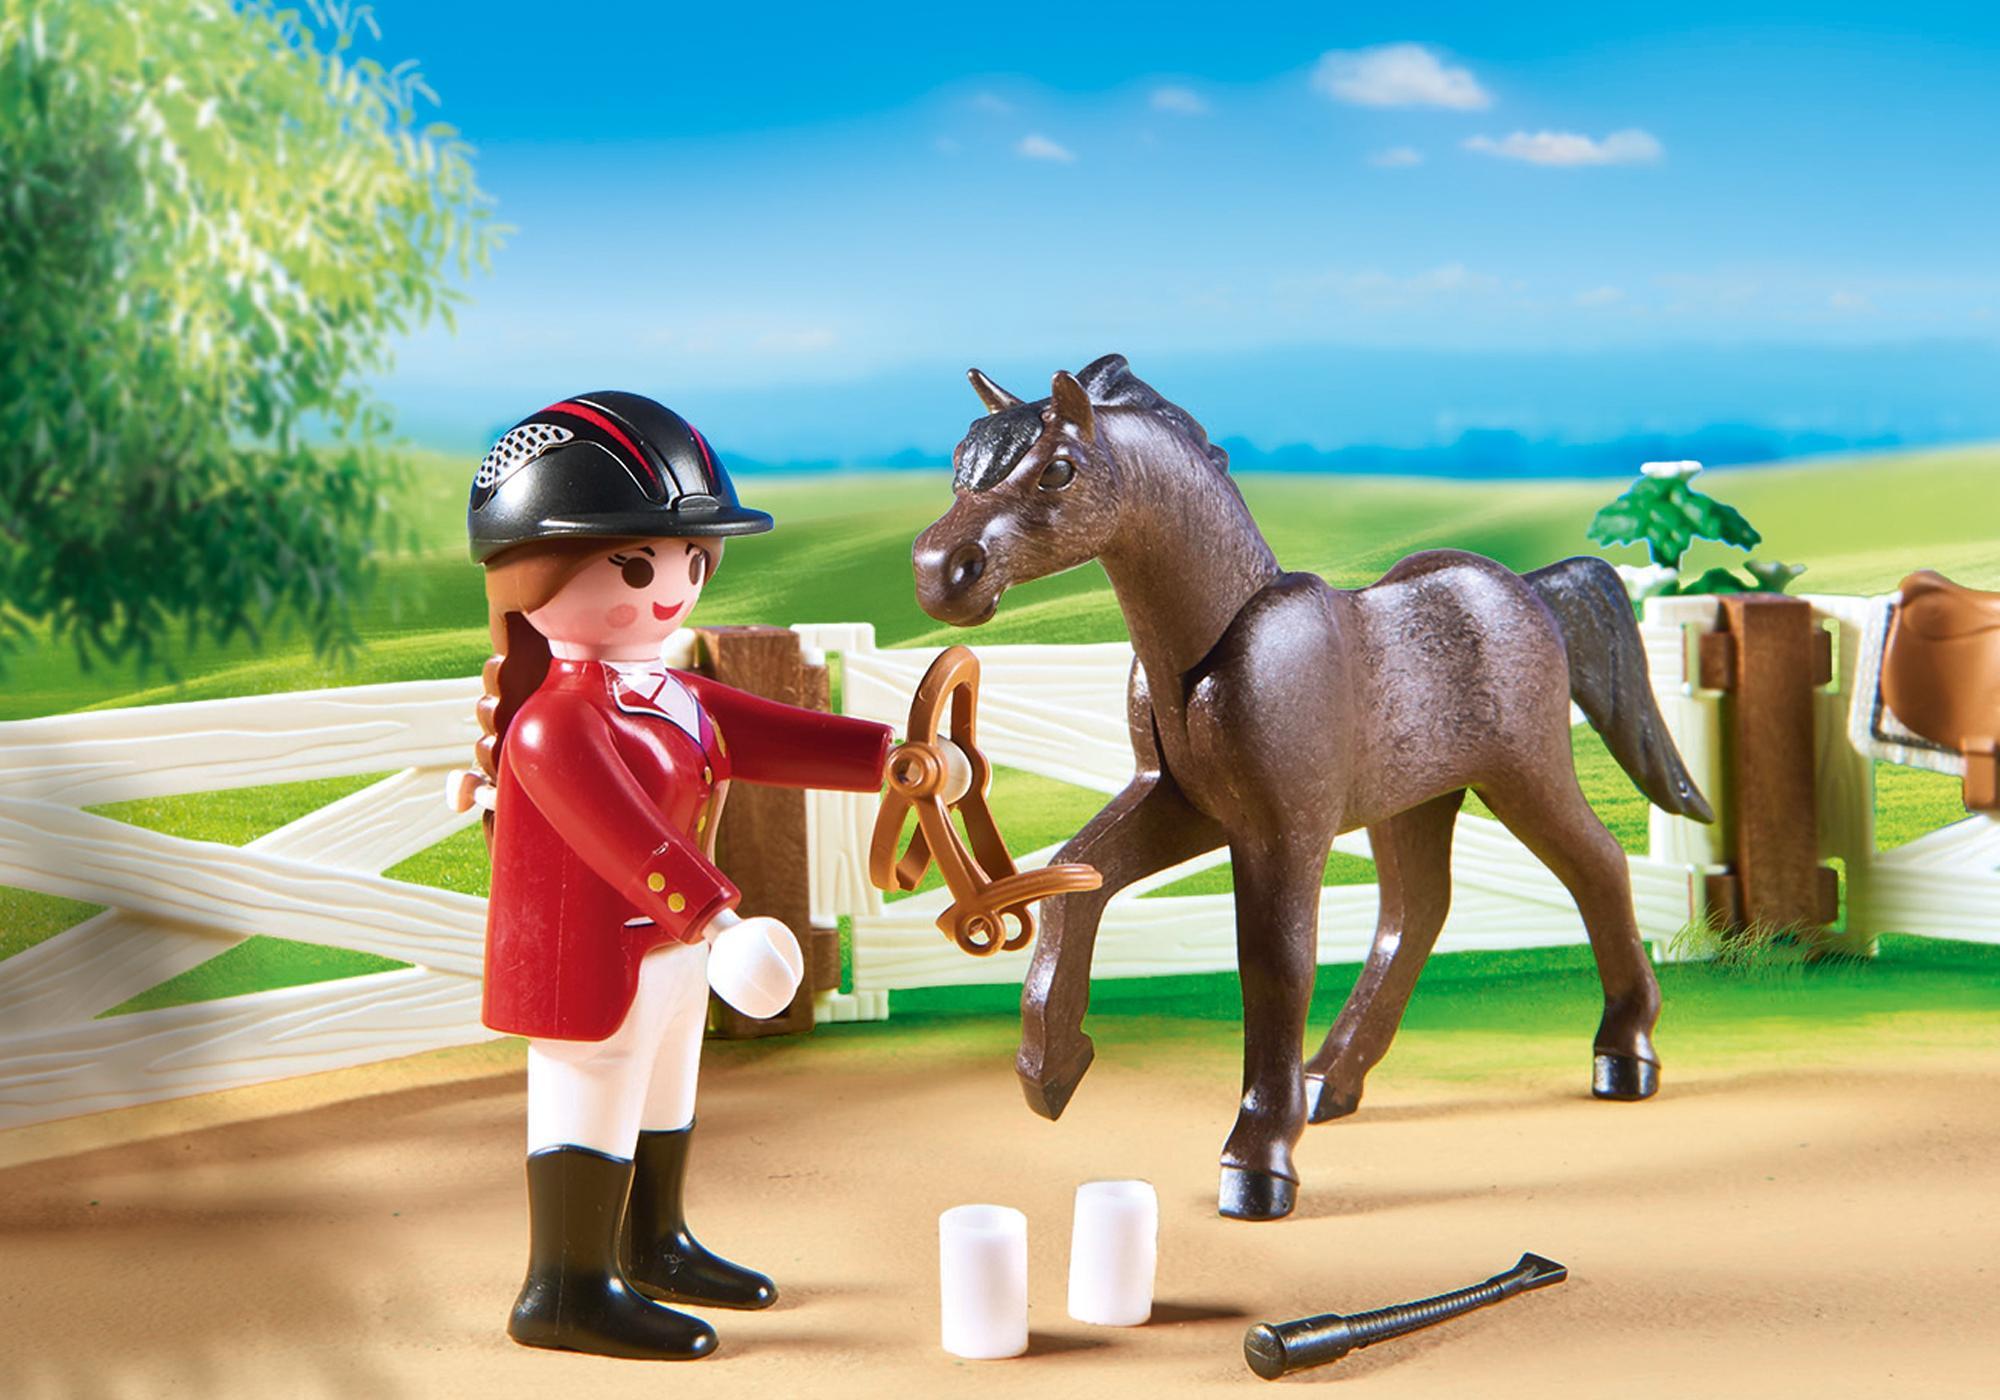 http://media.playmobil.com/i/playmobil/6930_product_extra1/Horse Show